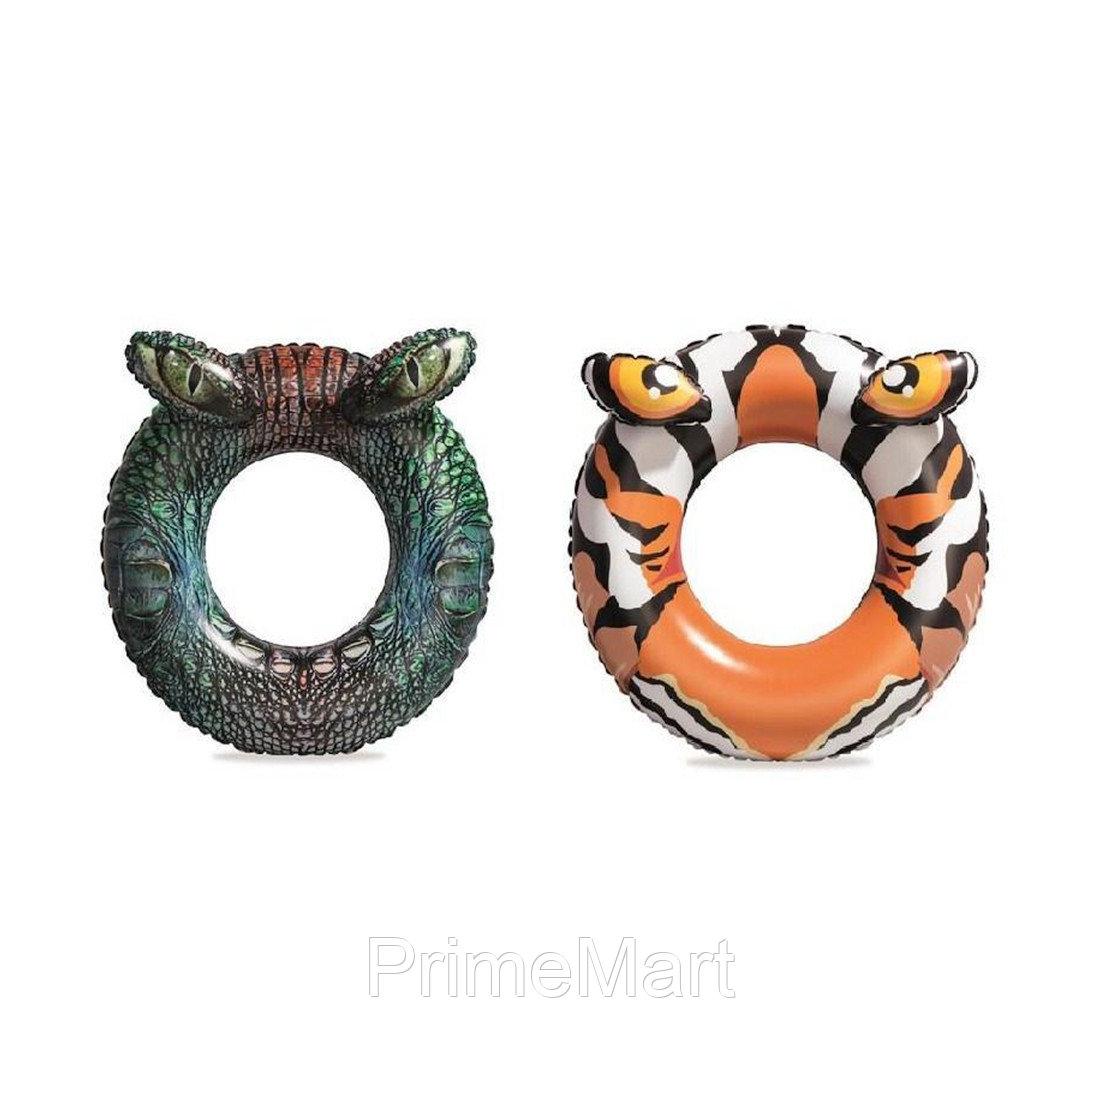 Круг для плавания Predator 91 см, BESTWAY, 36122, Винил, 10+, Оригинальной формы, Цвета в ассортименте (Тигр/Крокодил), Цветная коробка